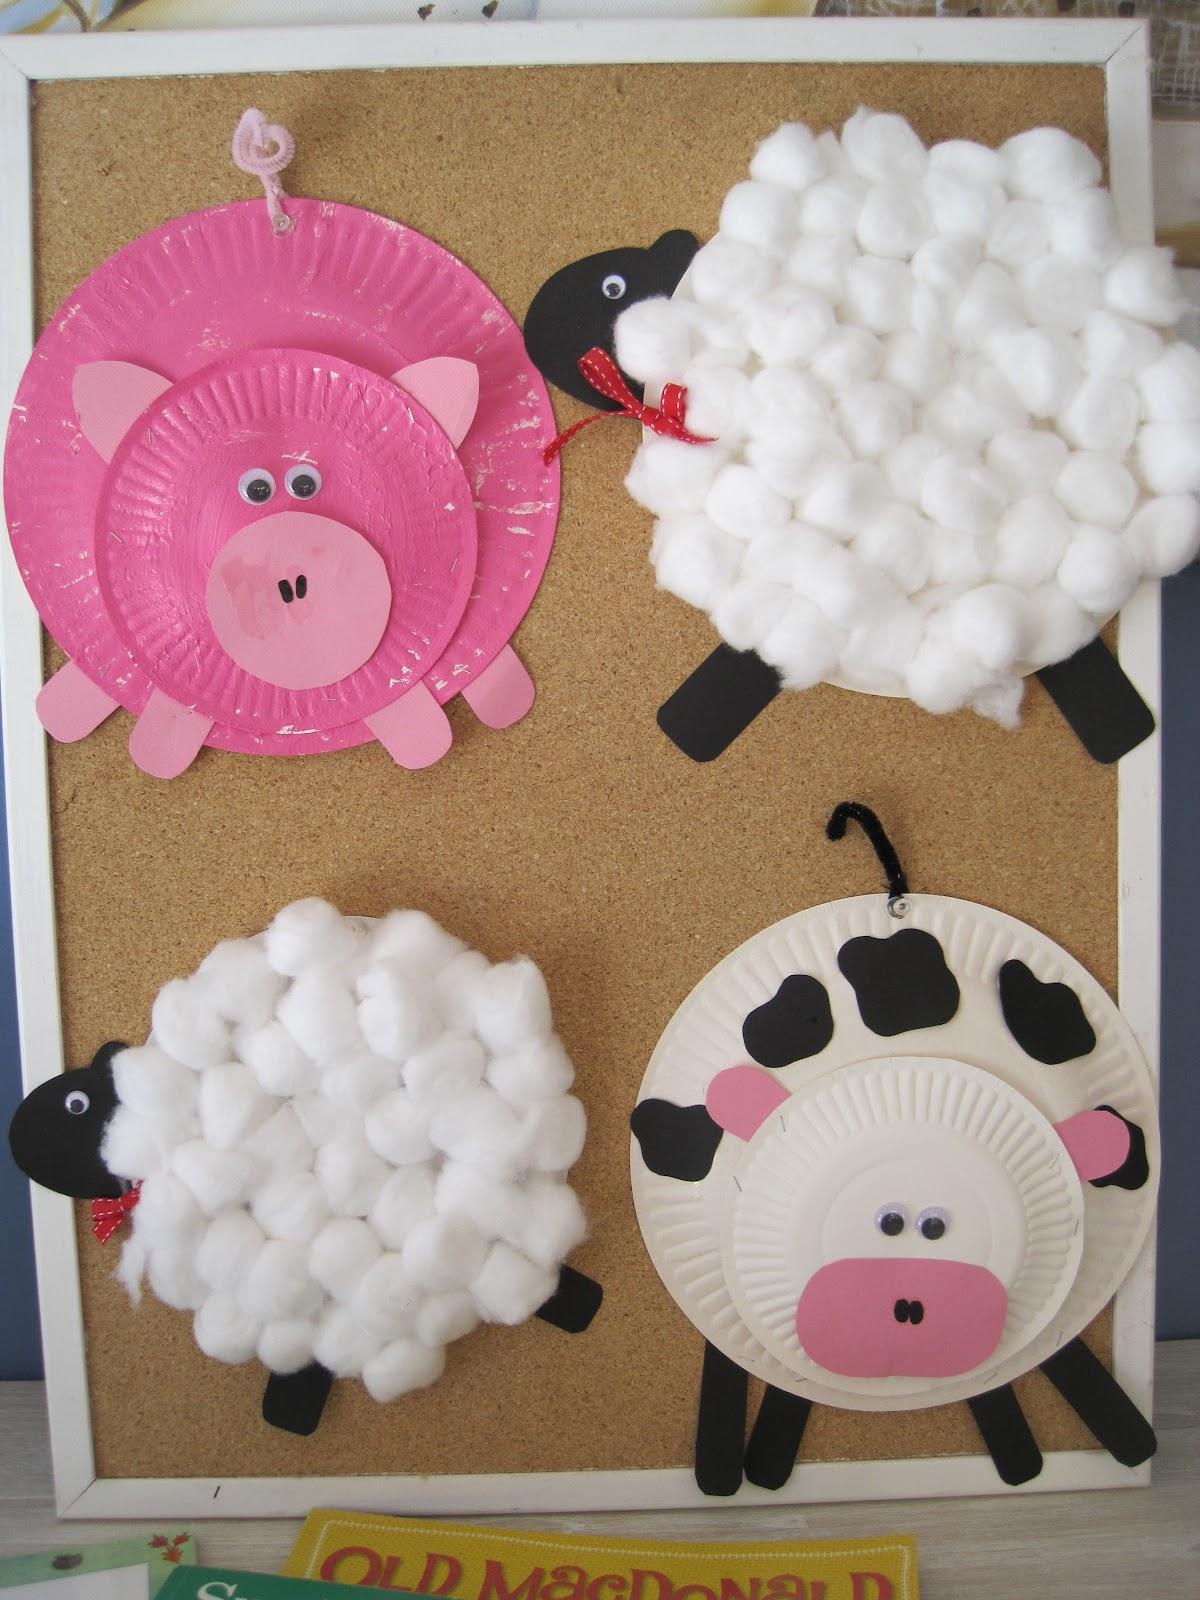 Early language skills through play.......: Farmyard craft